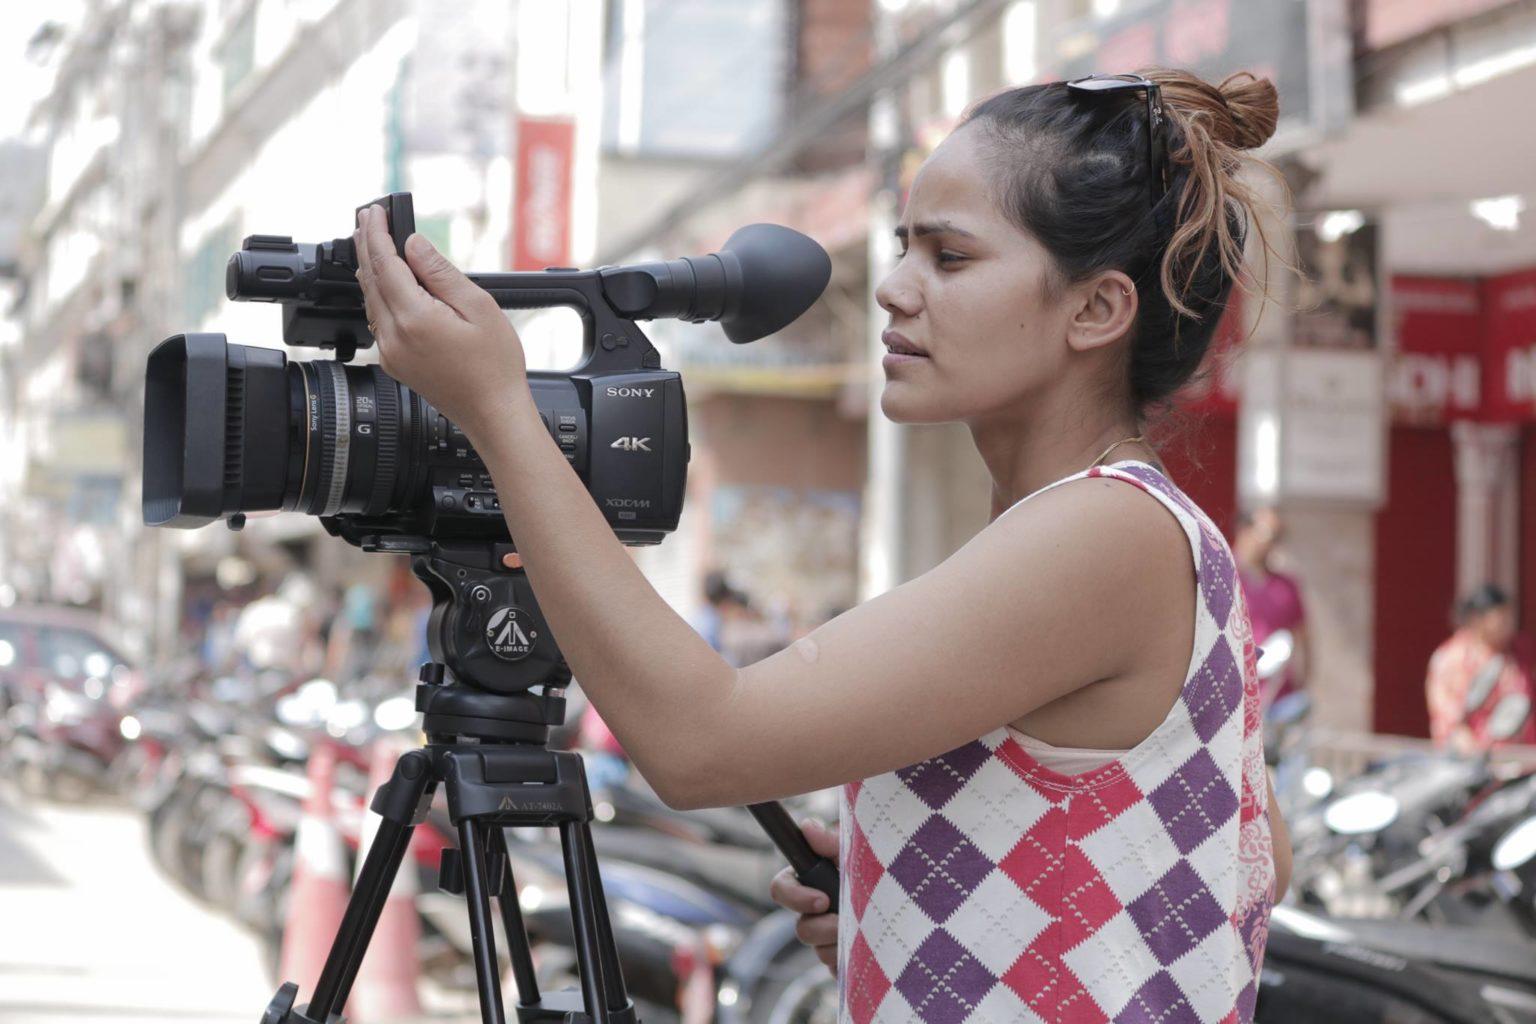 हामीले यथार्थपरक चलचित्र बनाउनु पर्छ – निर्देशक समुन्द्र भट्ट